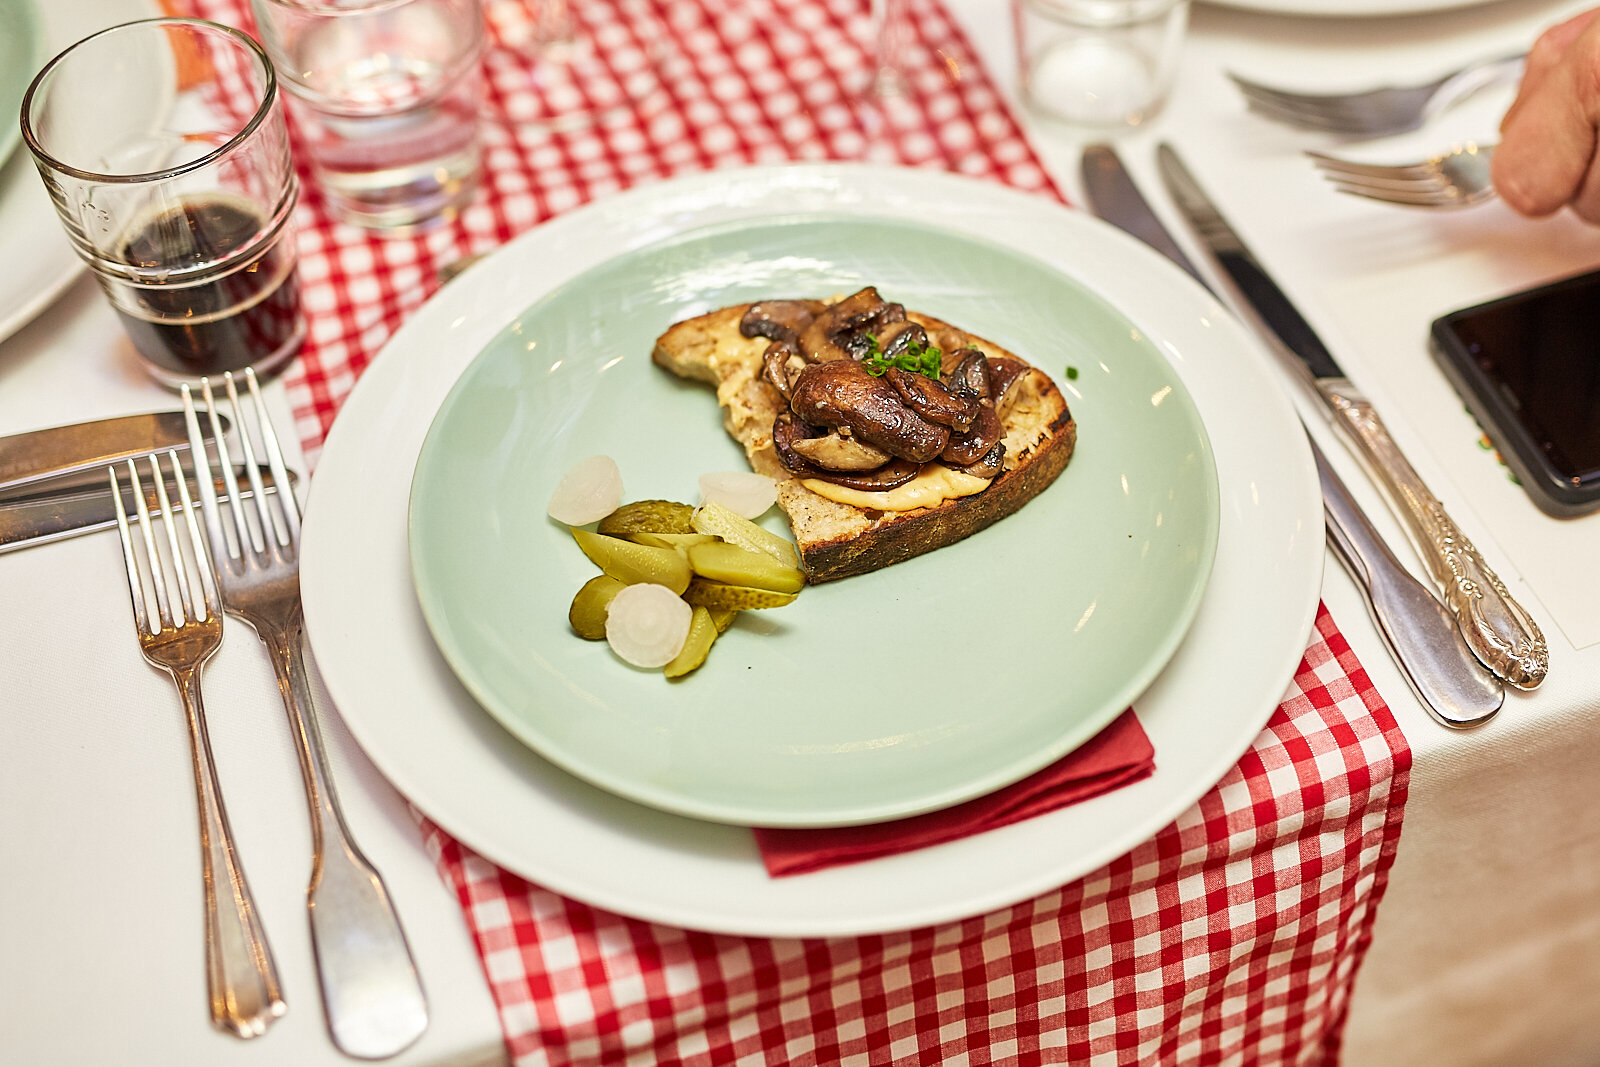 Obatzda and mushroom crostini